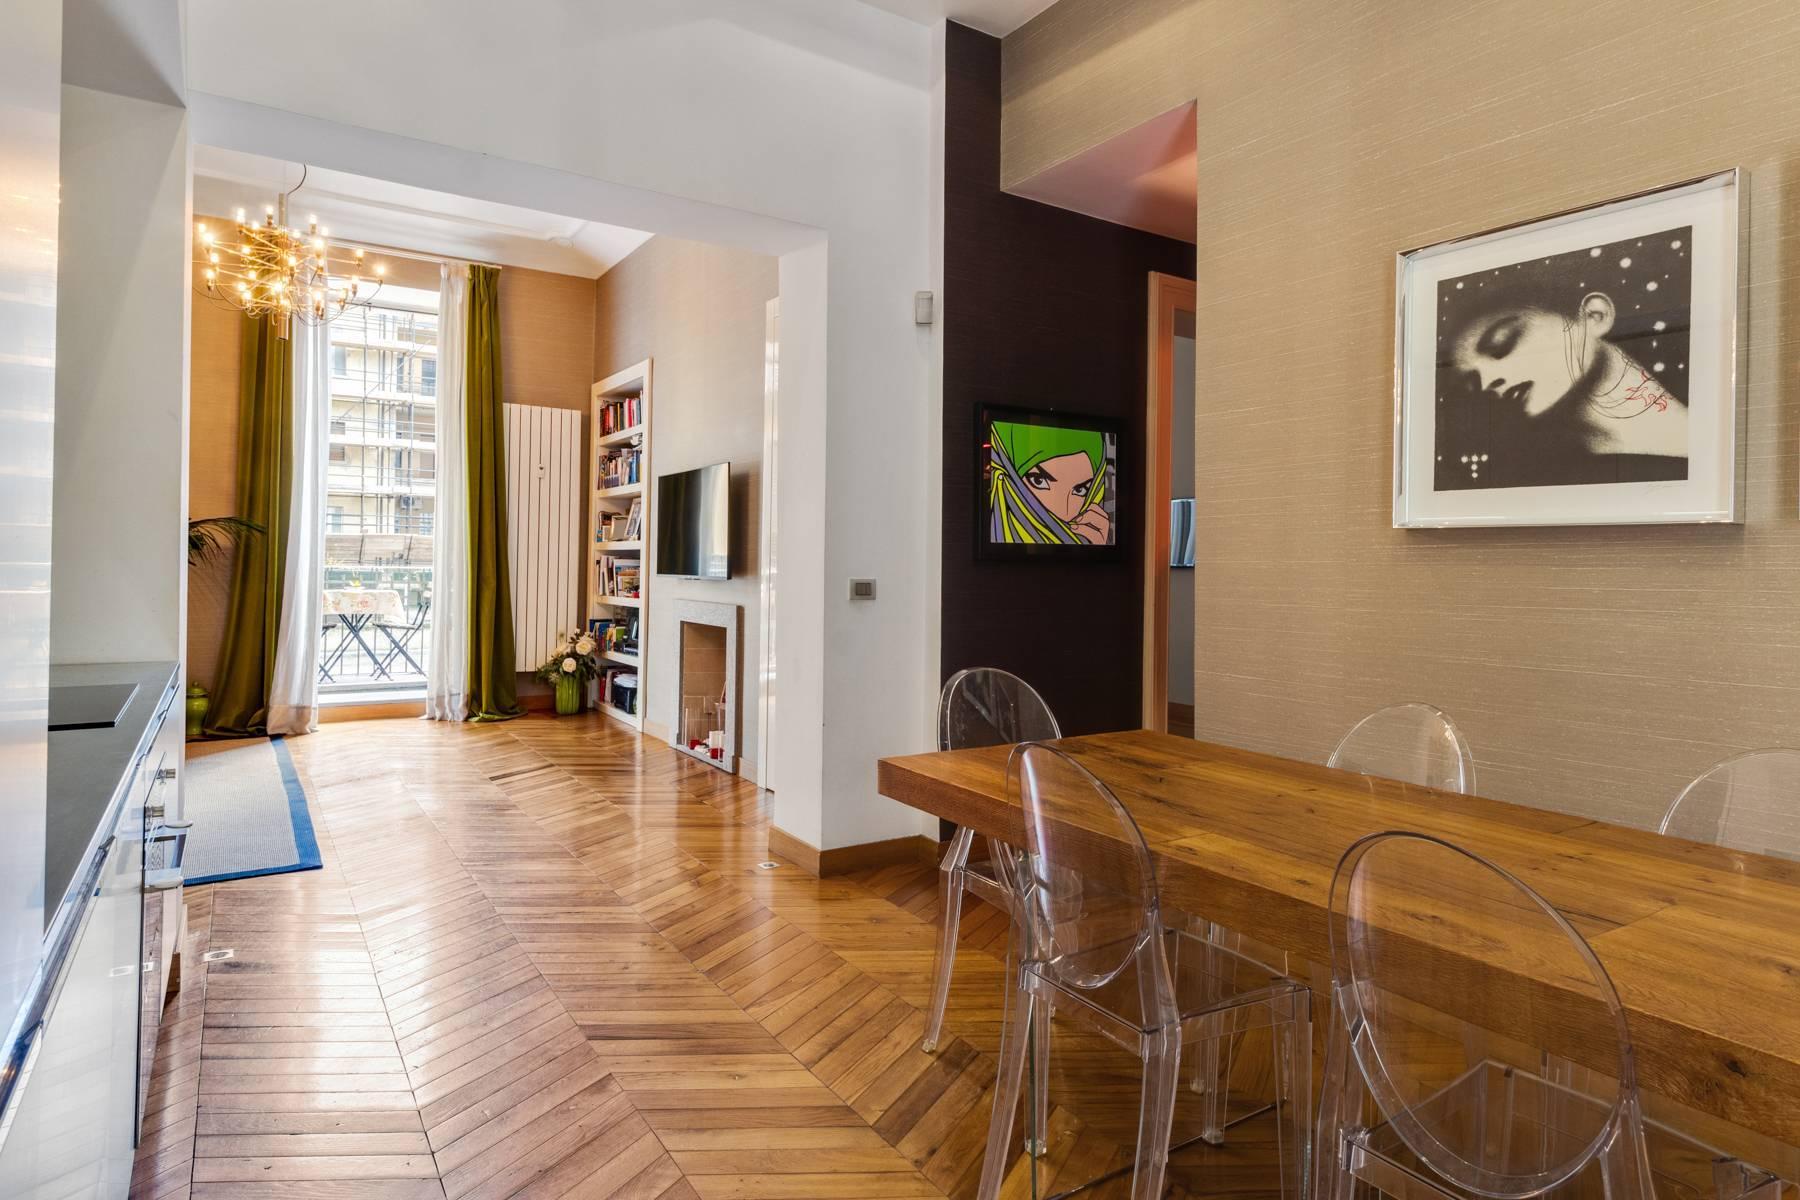 Affascinante appartamento nel cuore del quartiere Cit Turin - 1